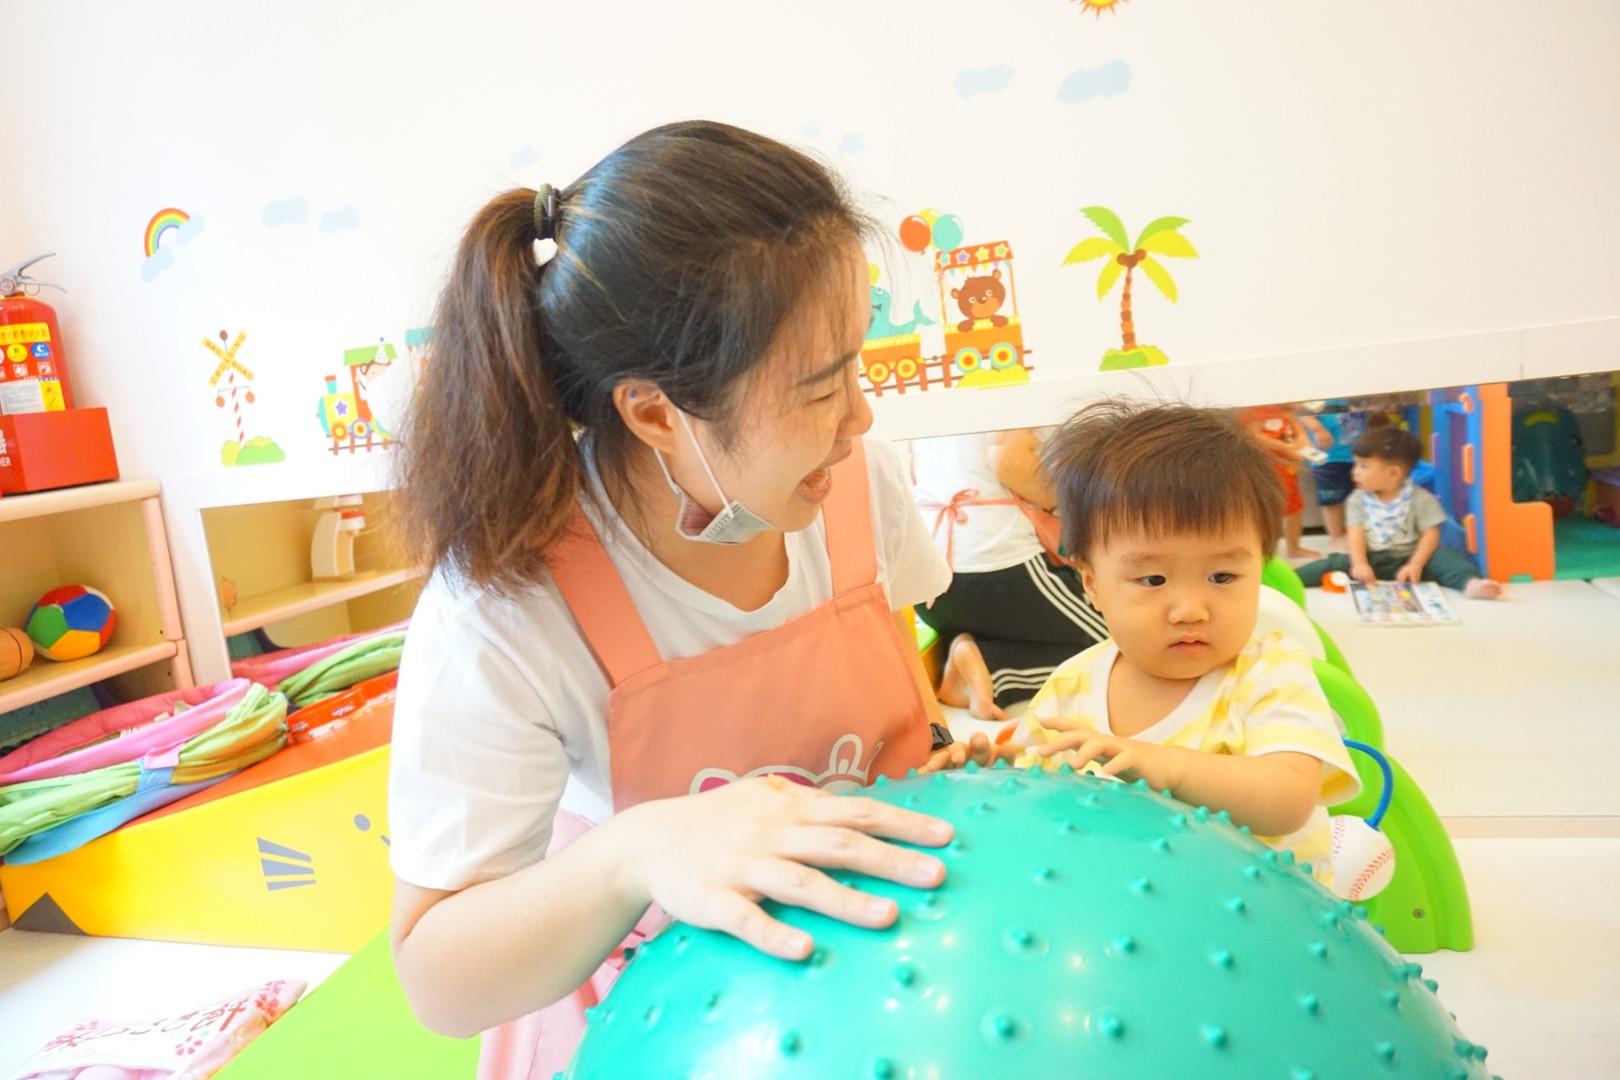 一館新老師與孩子互動照片(下圖為範本)_190821_0021.jpg